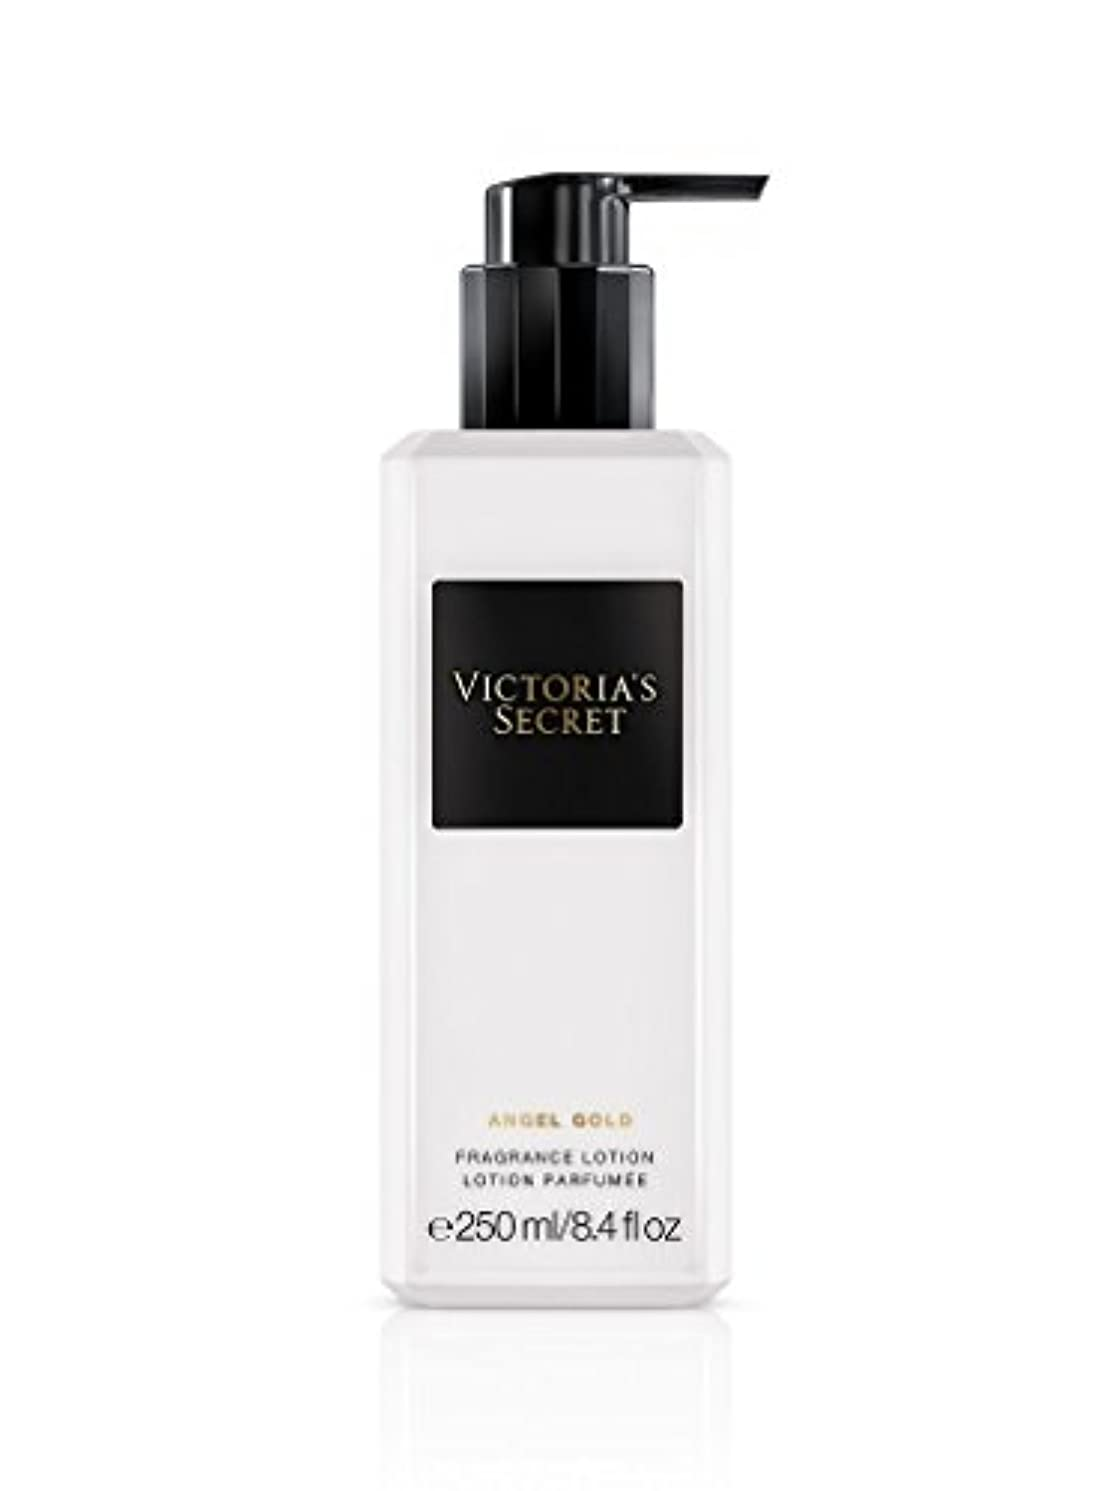 広告乳製品バリアVICTORIA'S SECRET ヴィクトリアシークレット/ビクトリアシークレット エンジェルゴールド フレグランスローション / Angel Gold Fragrance Lotion [並行輸入品]